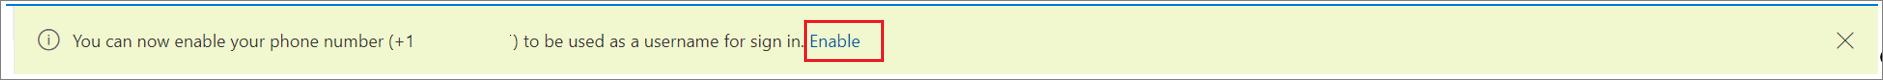 """لقطة شاشة تعرض الشعار لتمكين تسجيل الدخول عبر SMS لرقم هاتف مع تحديد الإجراء """"تمكين""""."""